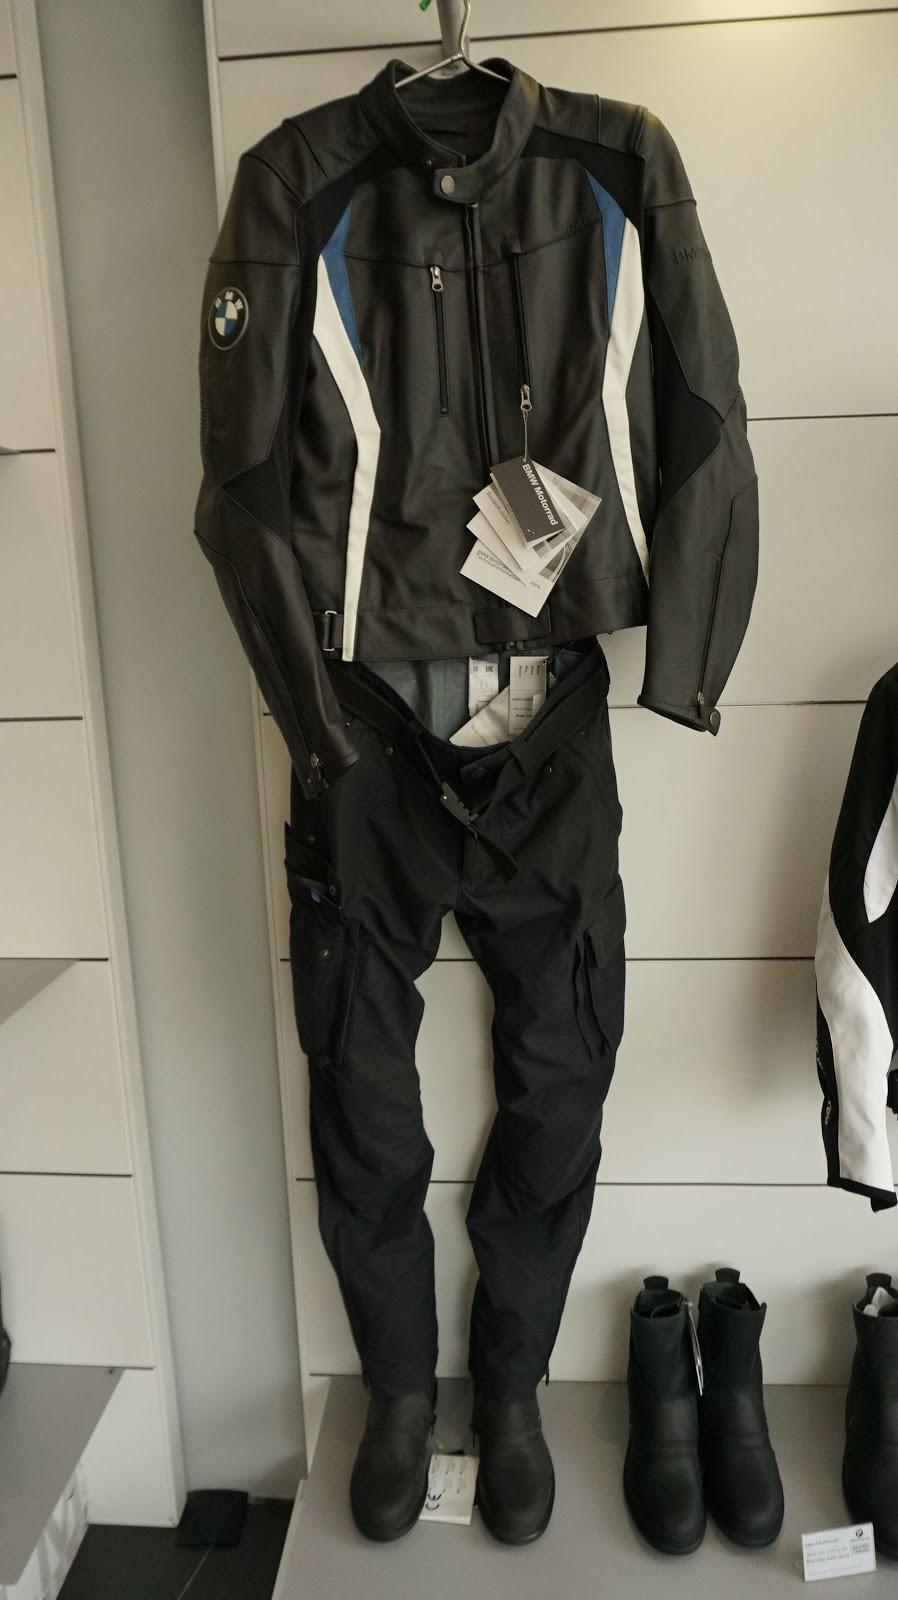 Nếu là biker thứ thiệt, việc trang bị một bộ đồ như thế này là cực kỳ cần thiết